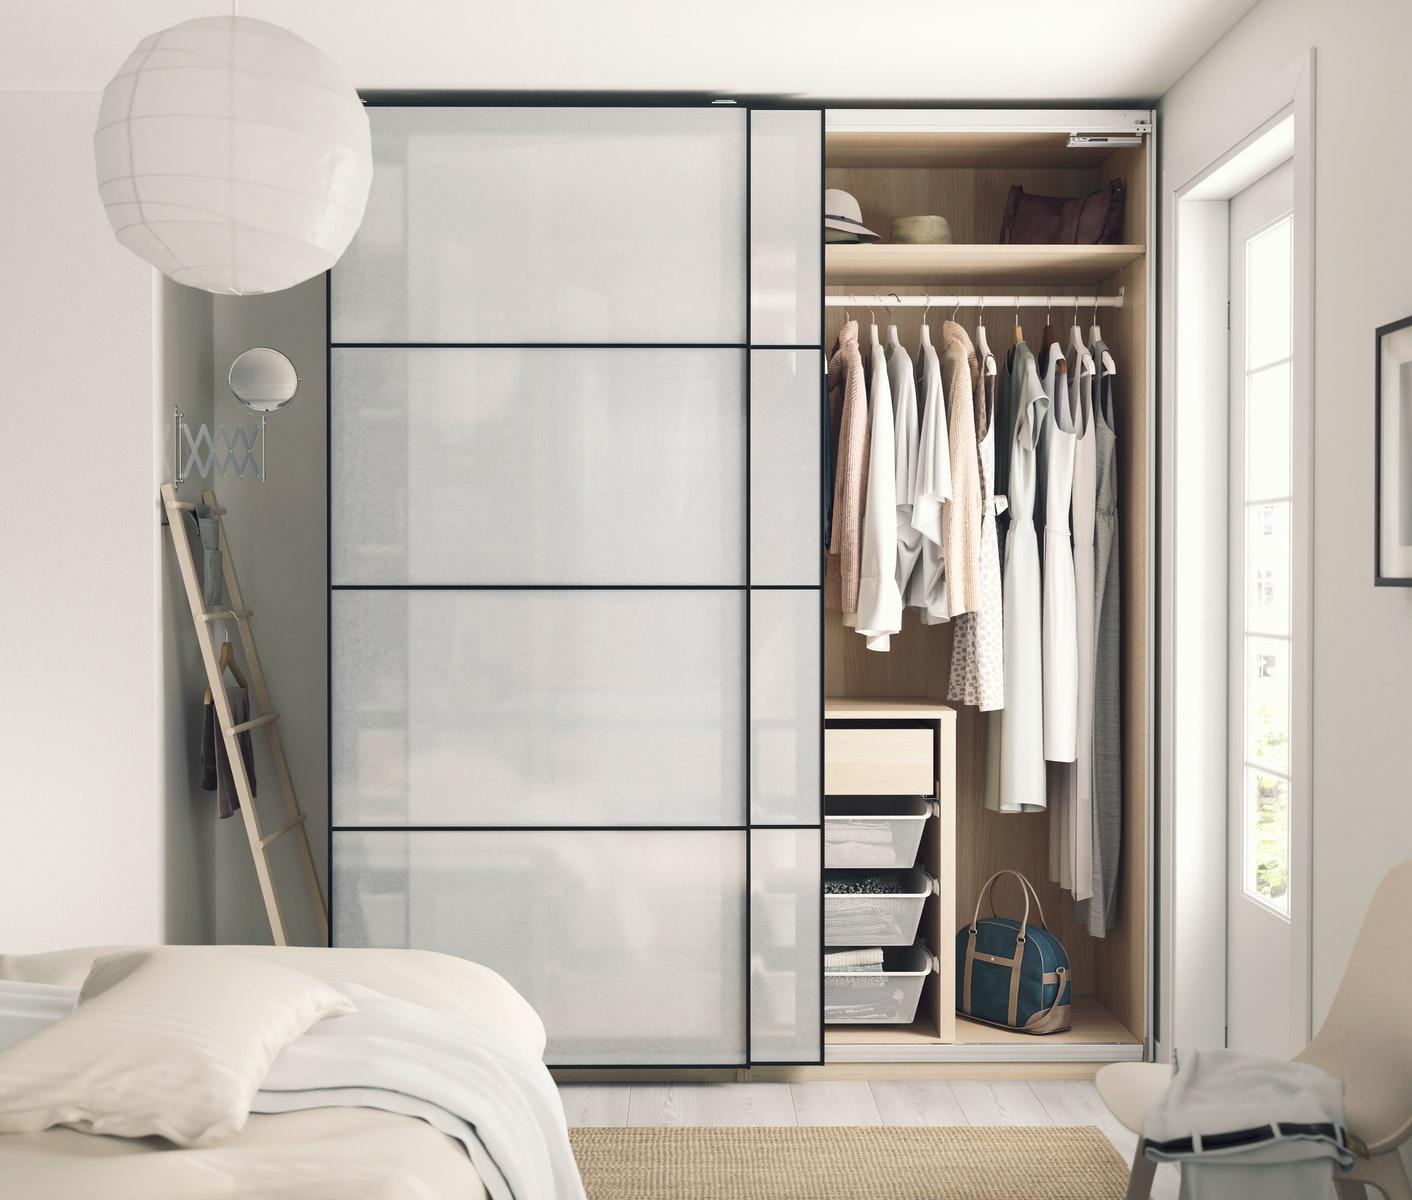 jak zaprojektować funkcjonalną szafę